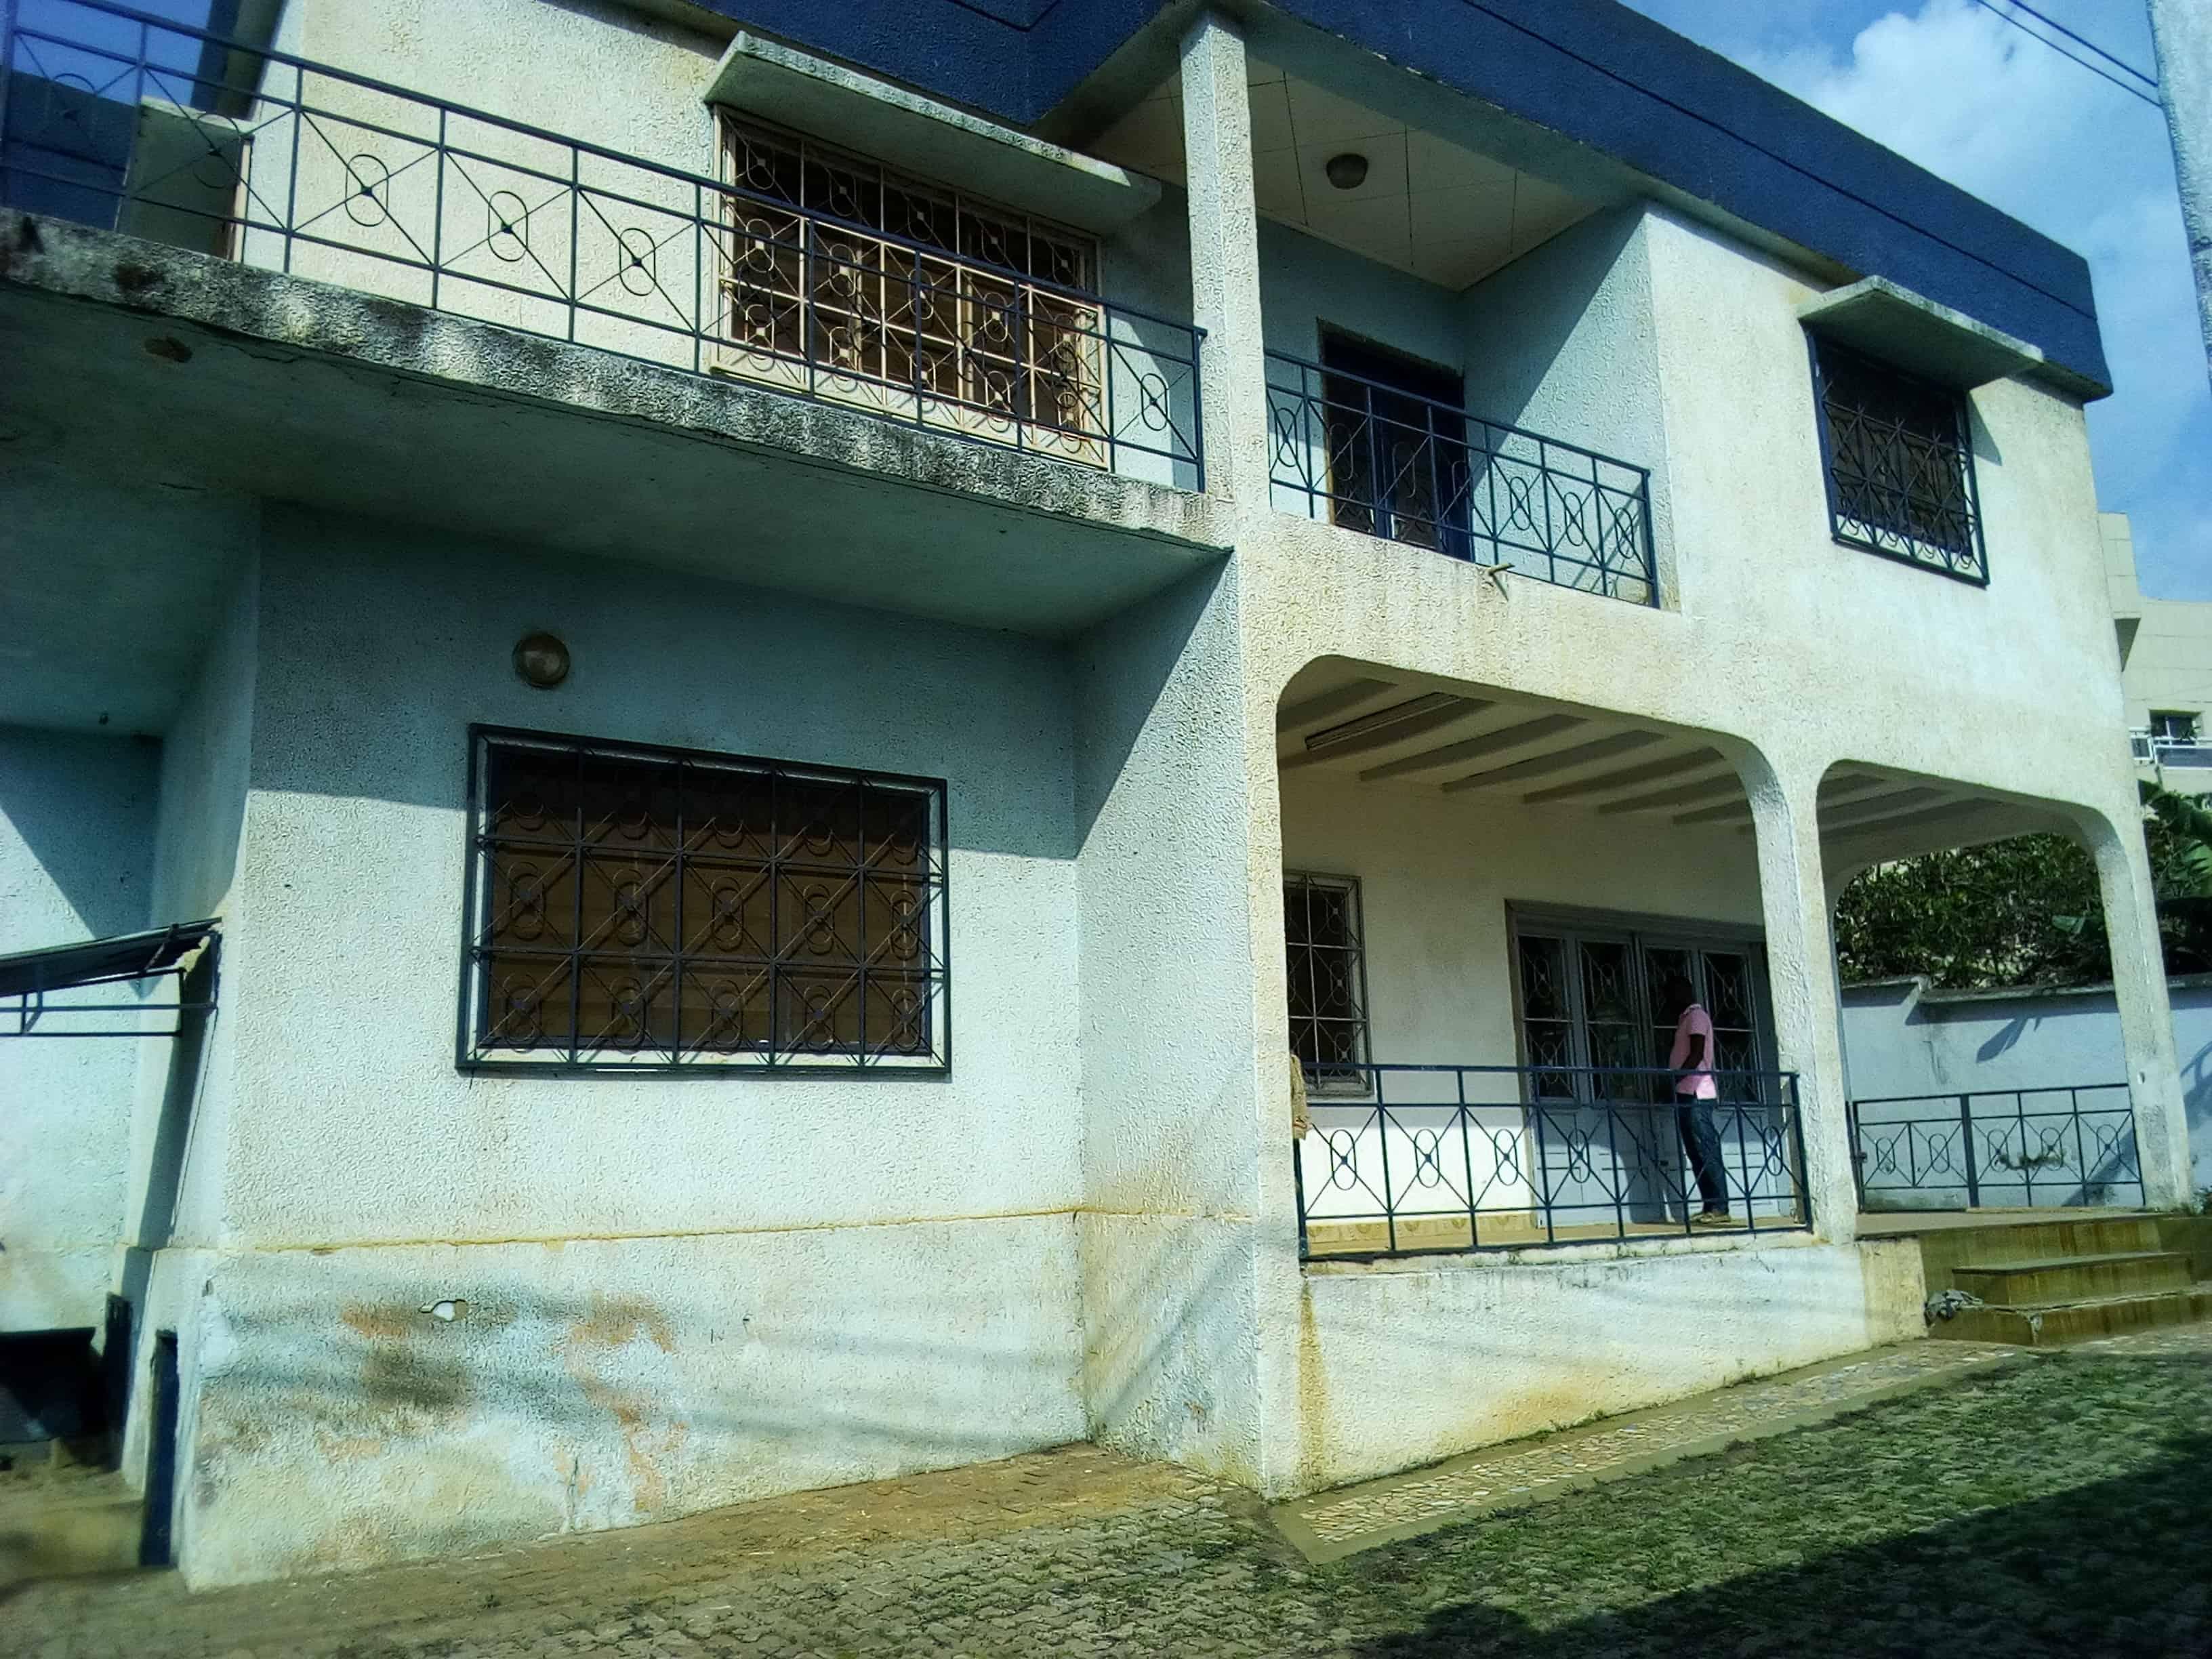 House (Villa) for sale - Yaoundé, Mfandena, pas loin des impots - 1 living room(s), 4 bedroom(s), 3 bathroom(s) - 120 000 000 FCFA / month